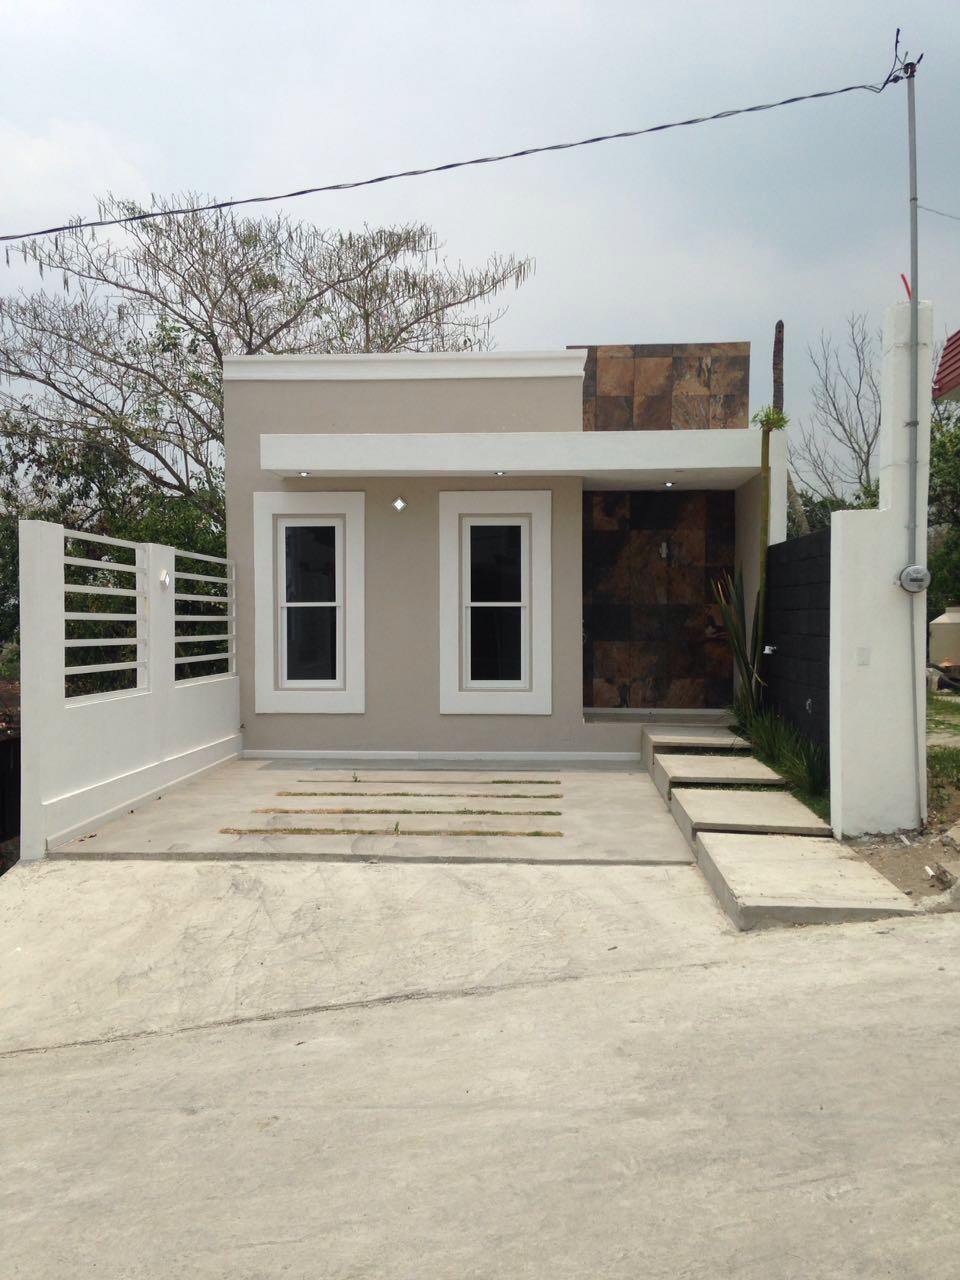 Casas econ micas en venta en poza rica de hidalgo - Casas en subasta ...